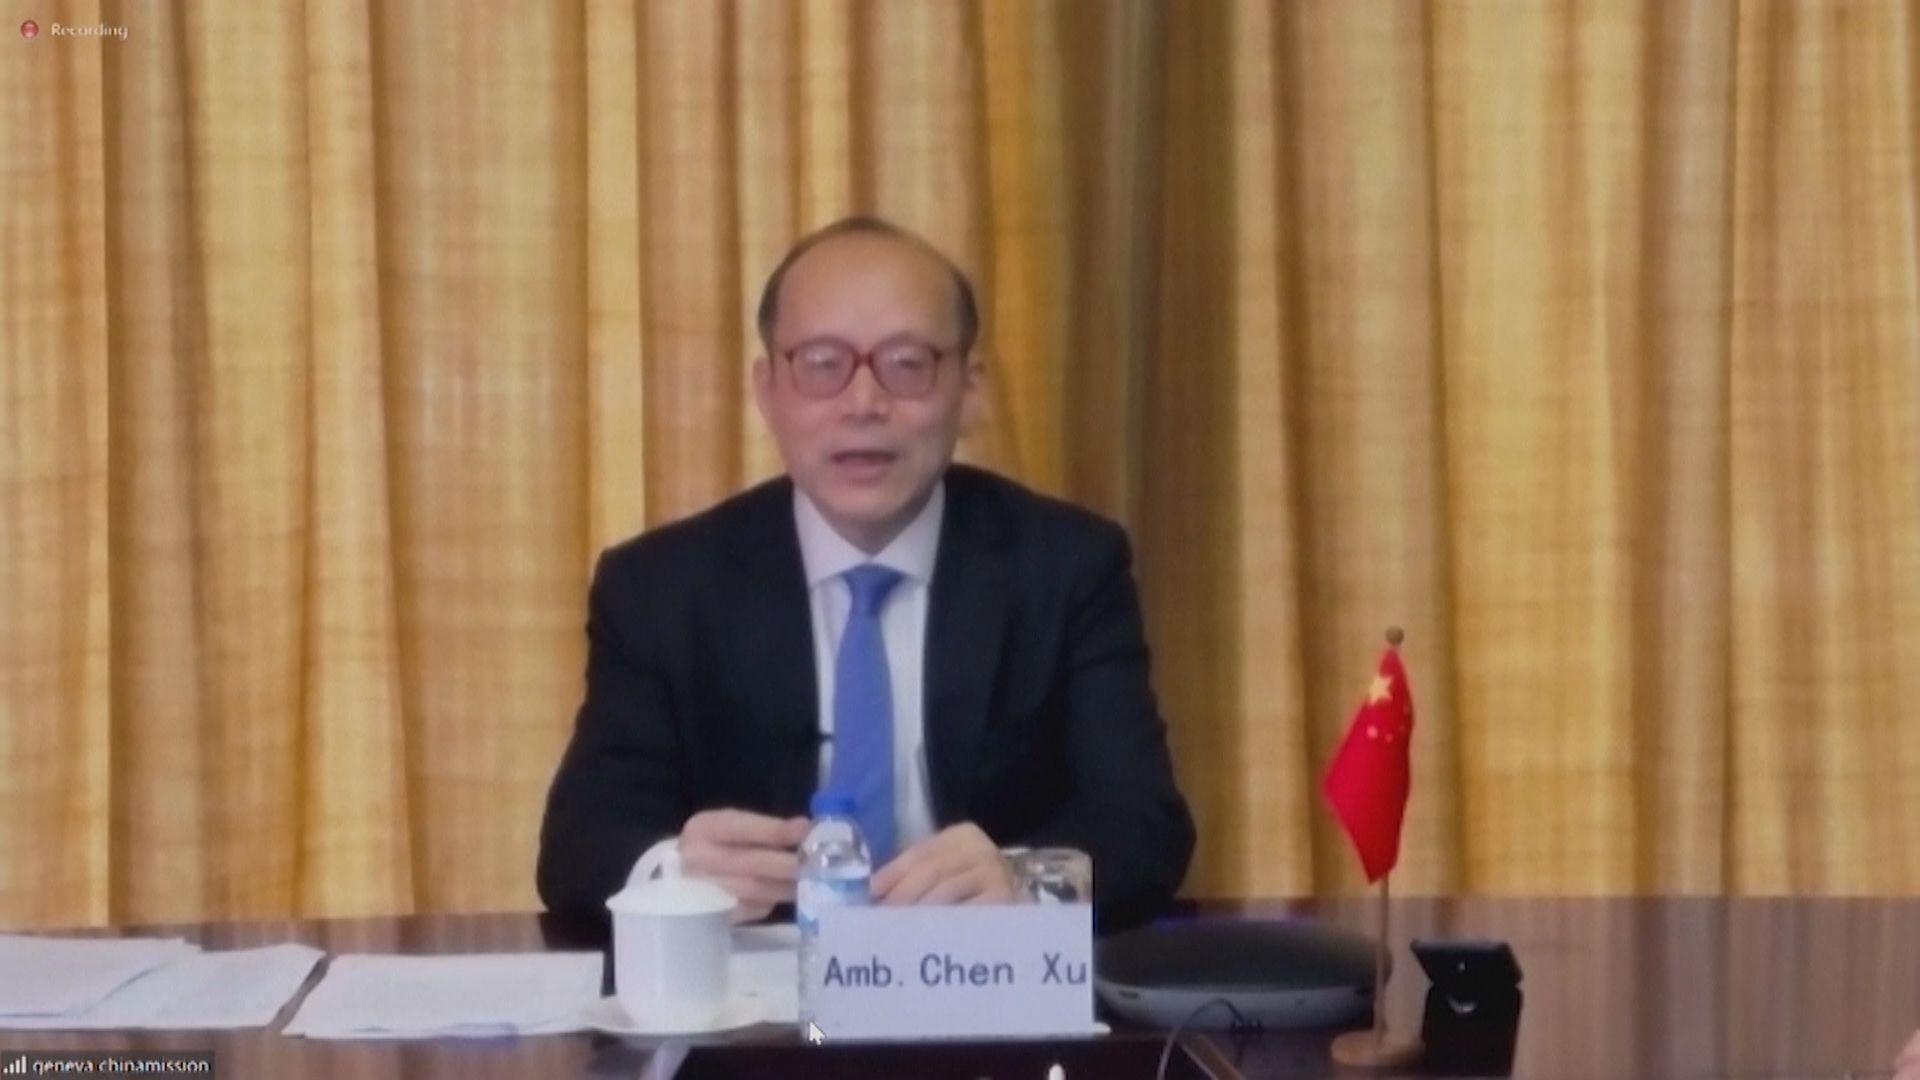 中國駐聯合國代表:暫不邀請專家調查病毒源頭